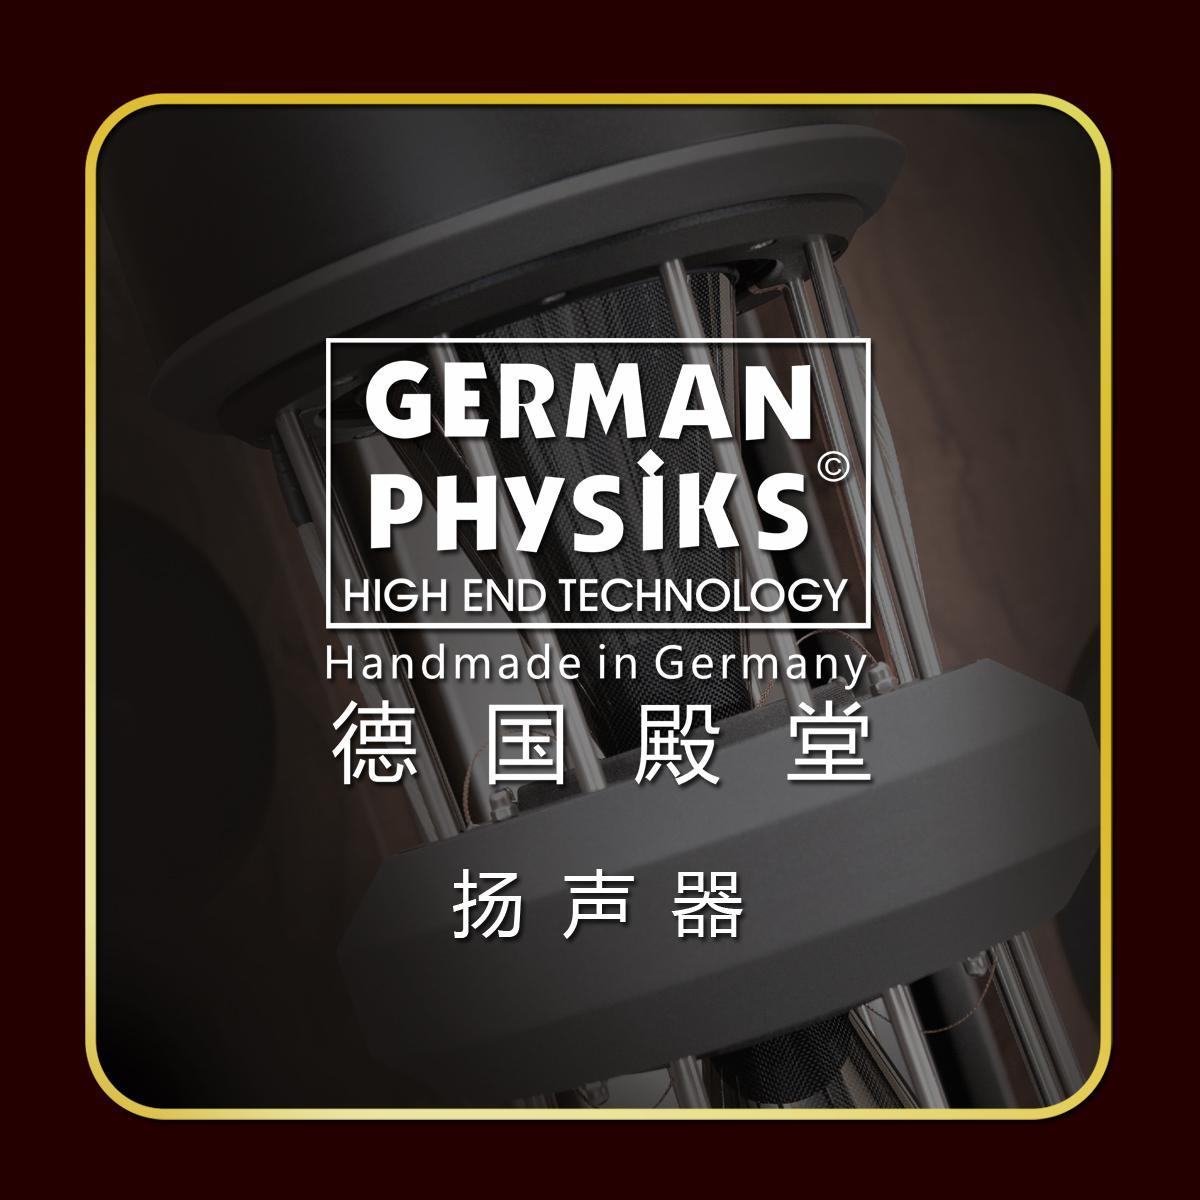 德国殿堂 German Physiks扬声器